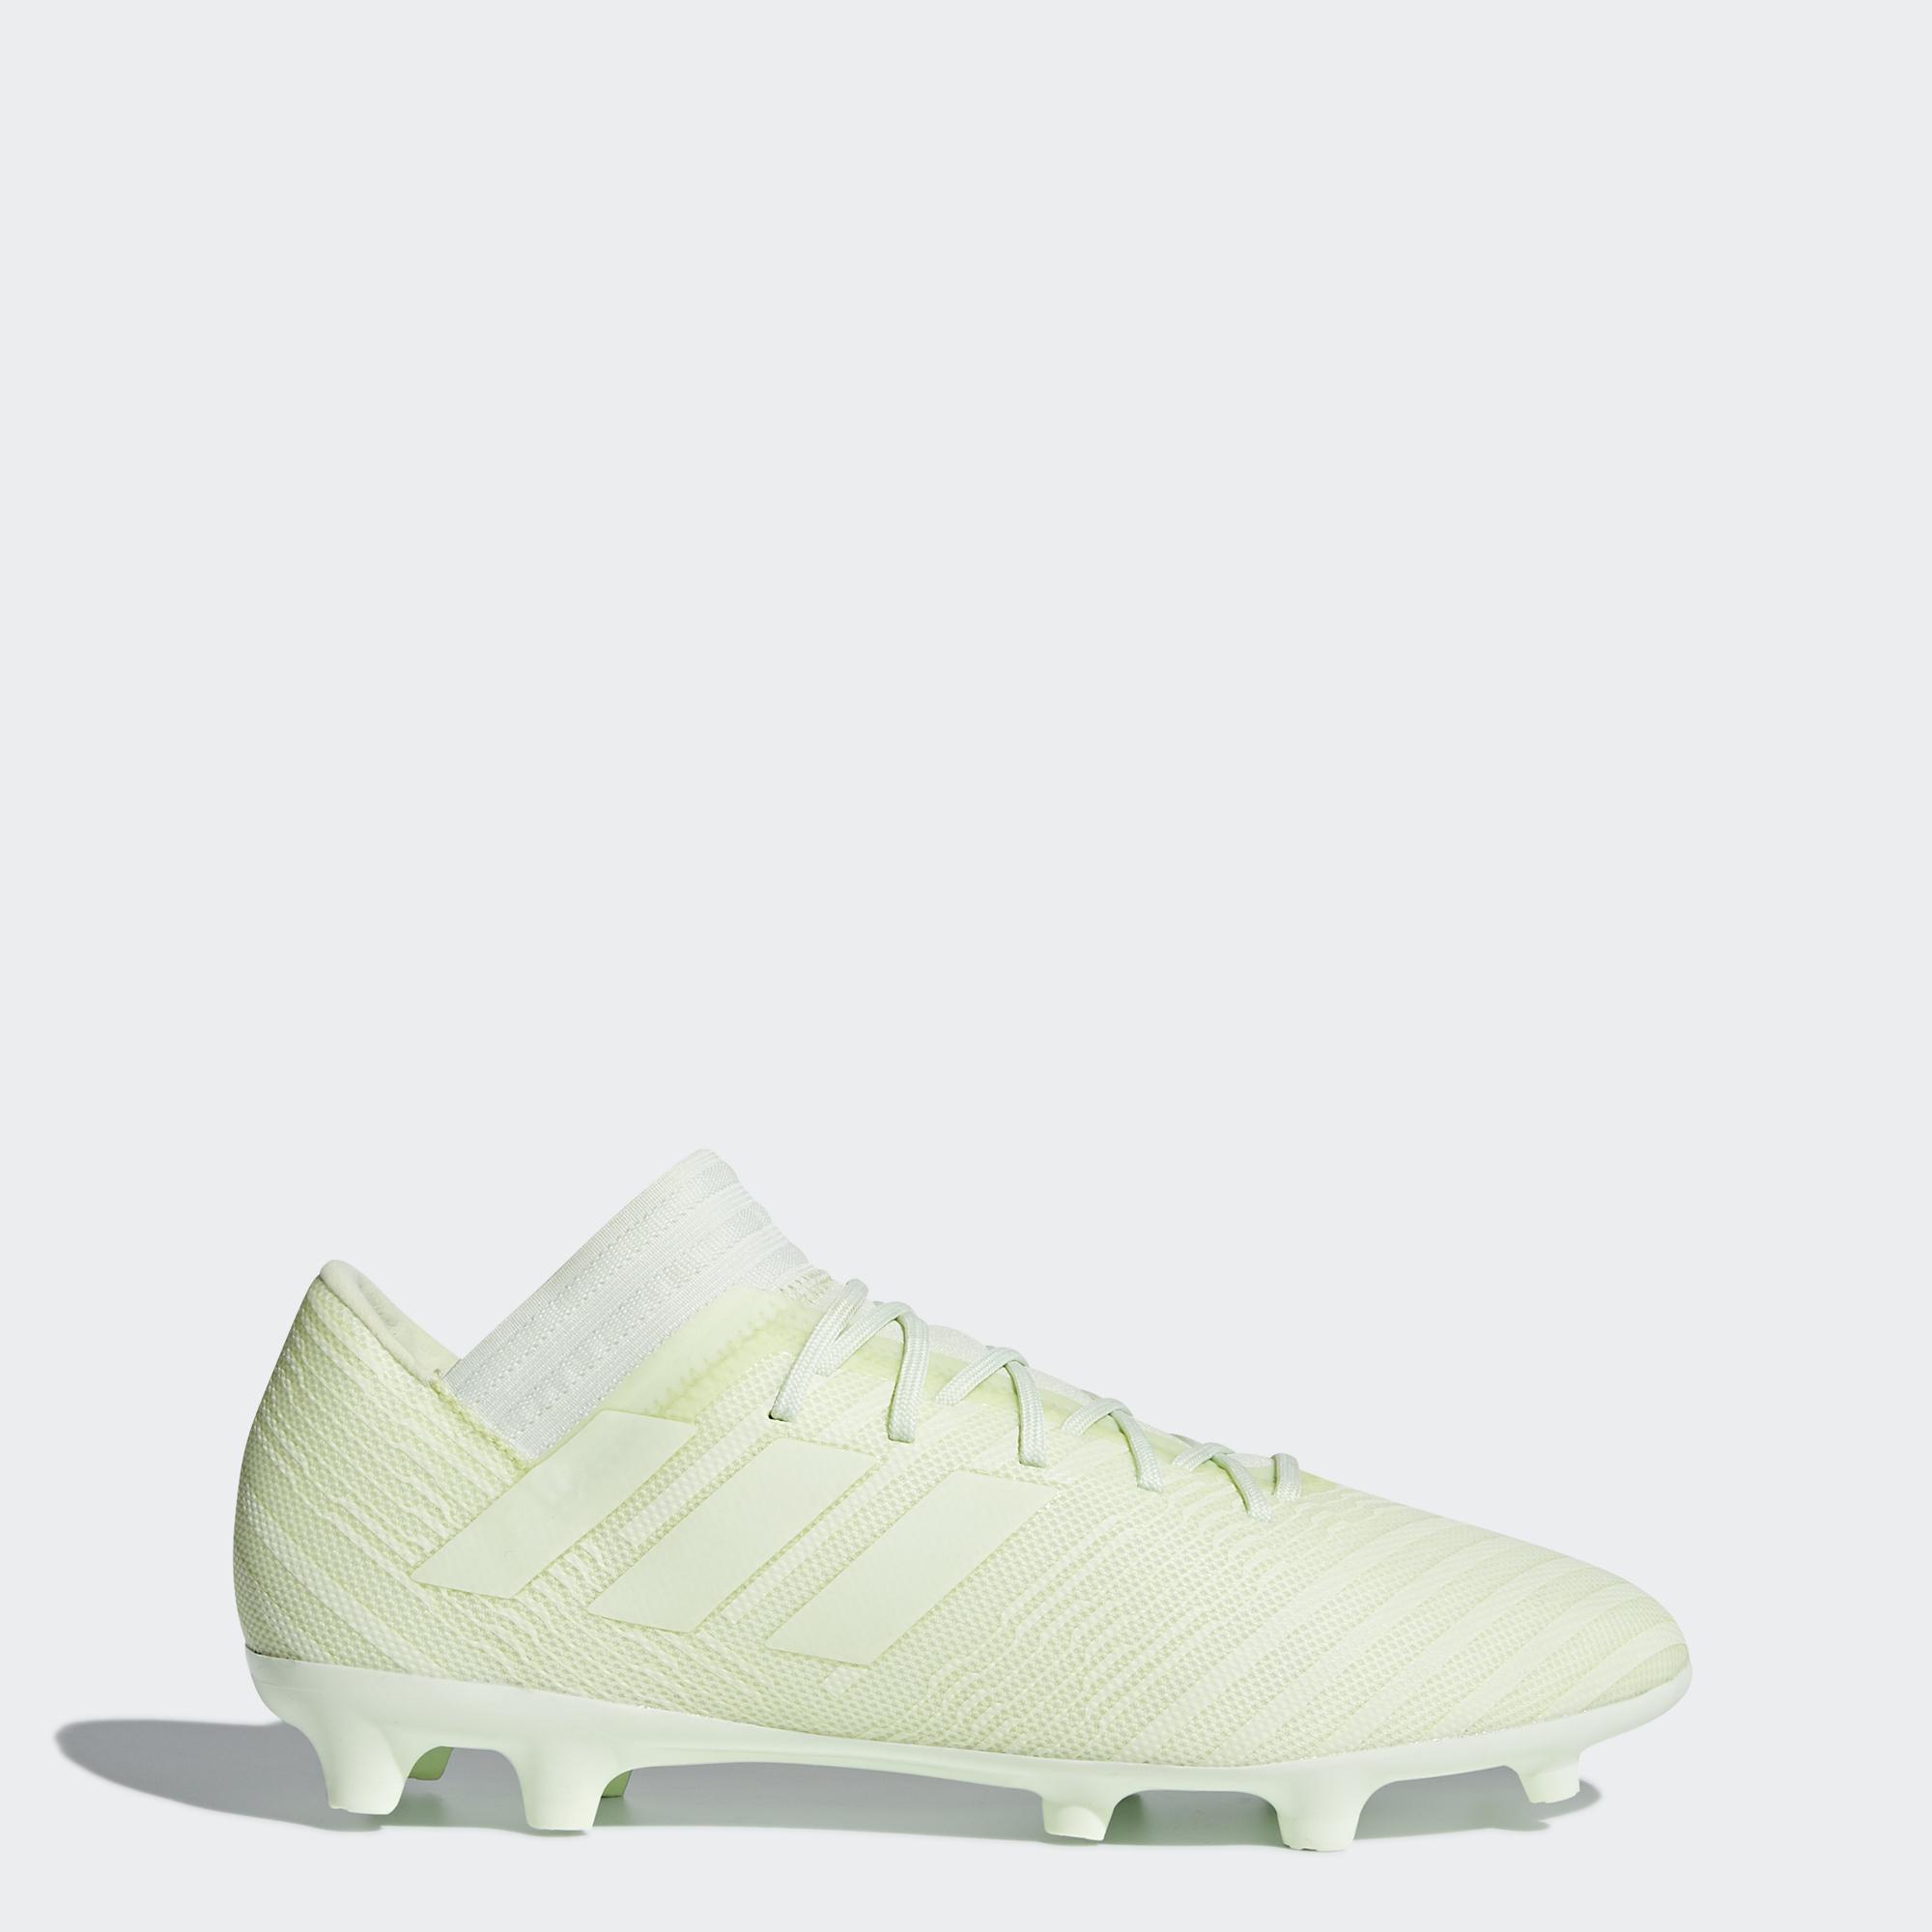 Adidas Nemeziz 17 Scarpe Fg Verde 3 Calcio MpqUSzV